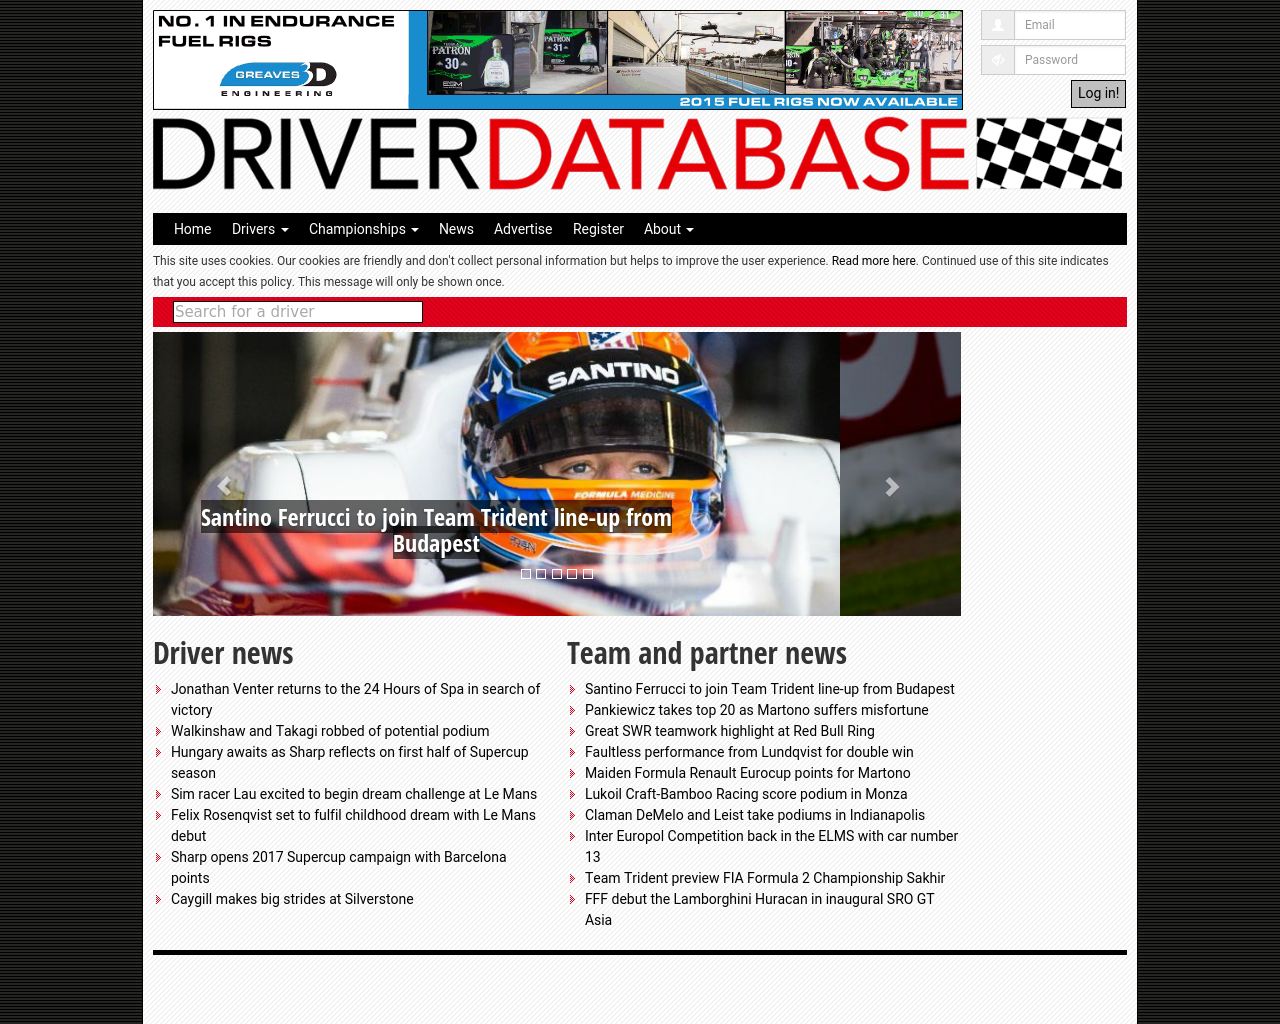 DRIVERDATABASE-Advertising-Reviews-Pricing